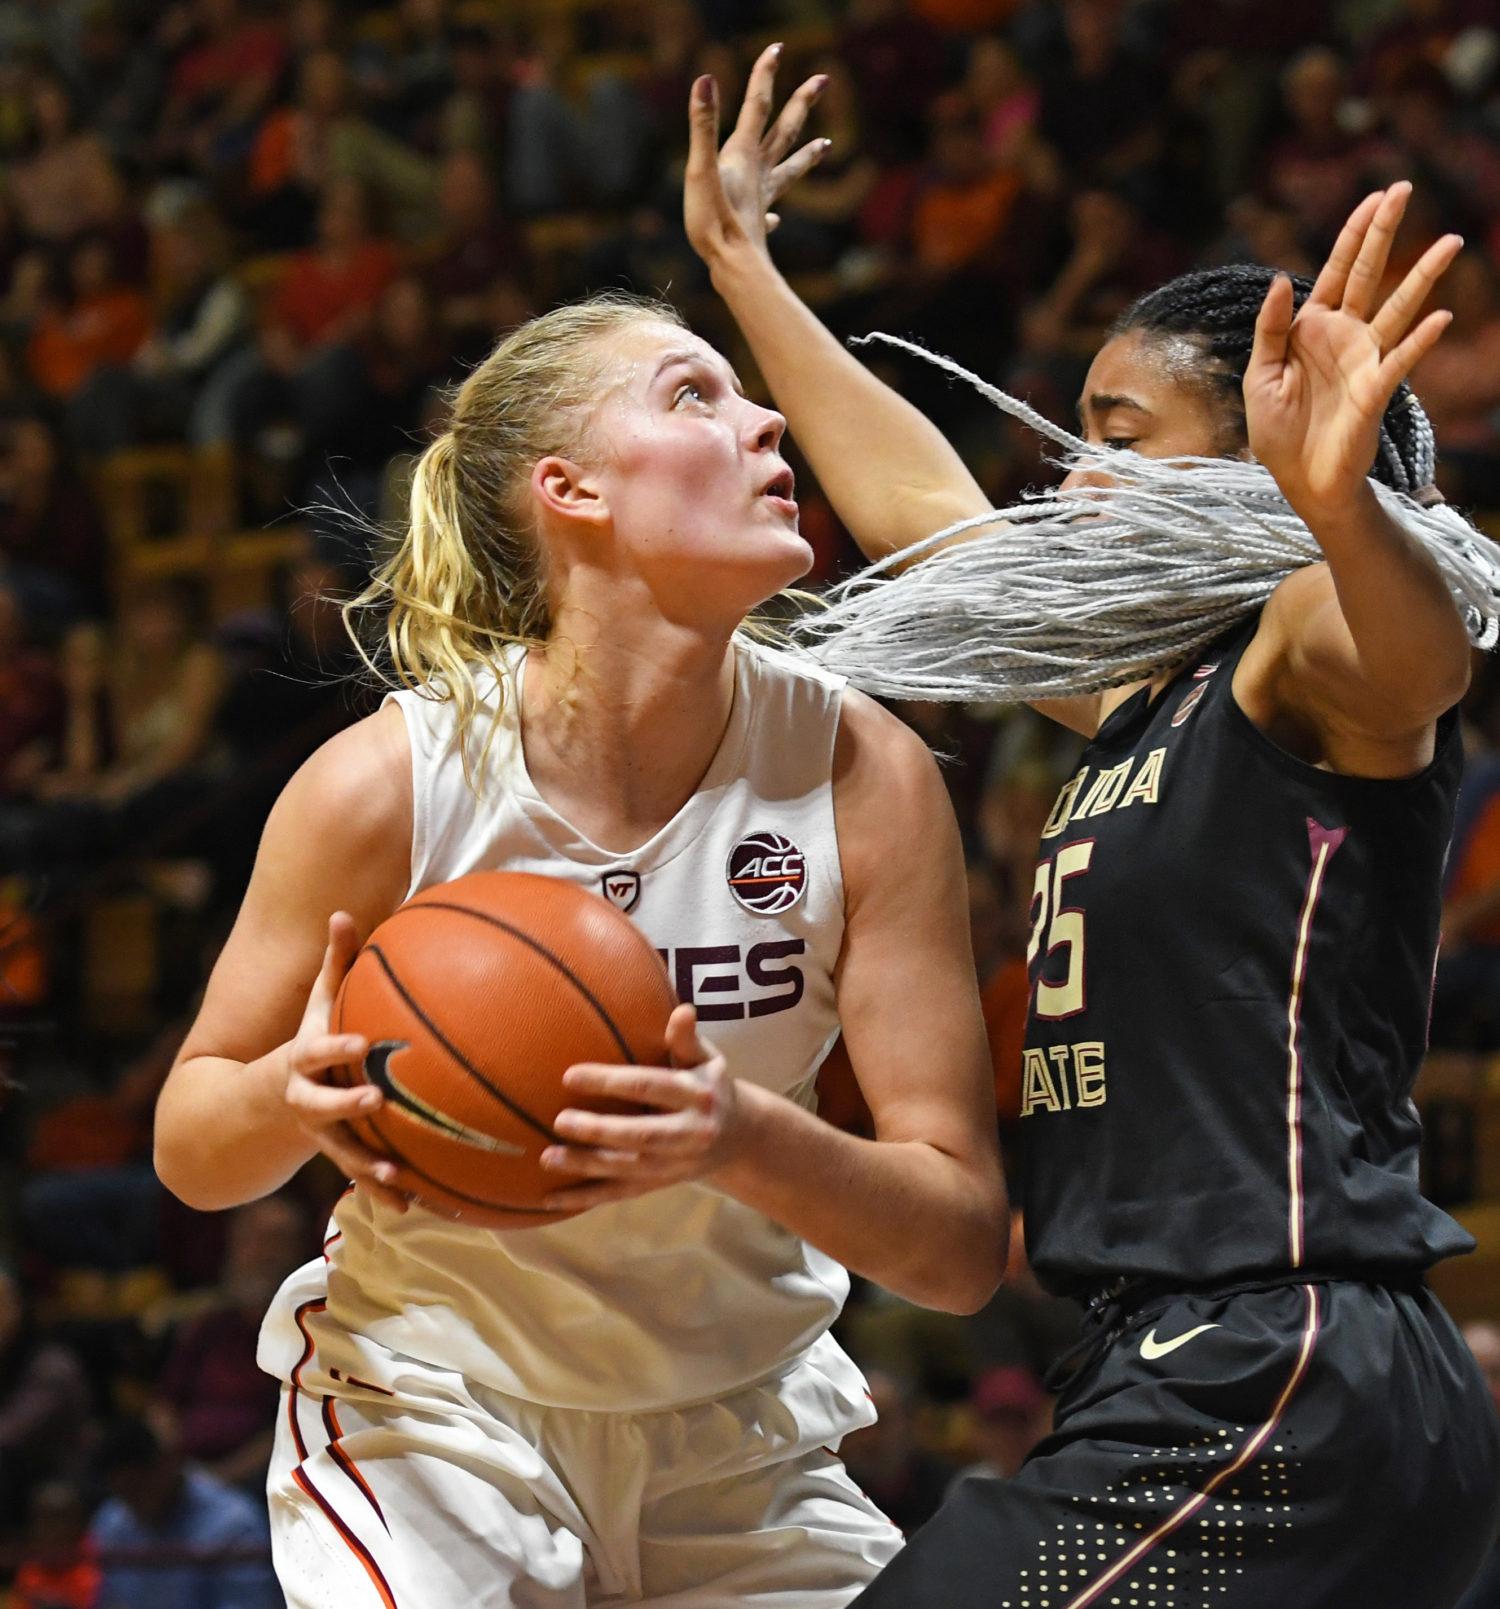 Virginia Tech Women's Basketball vs. Florida State